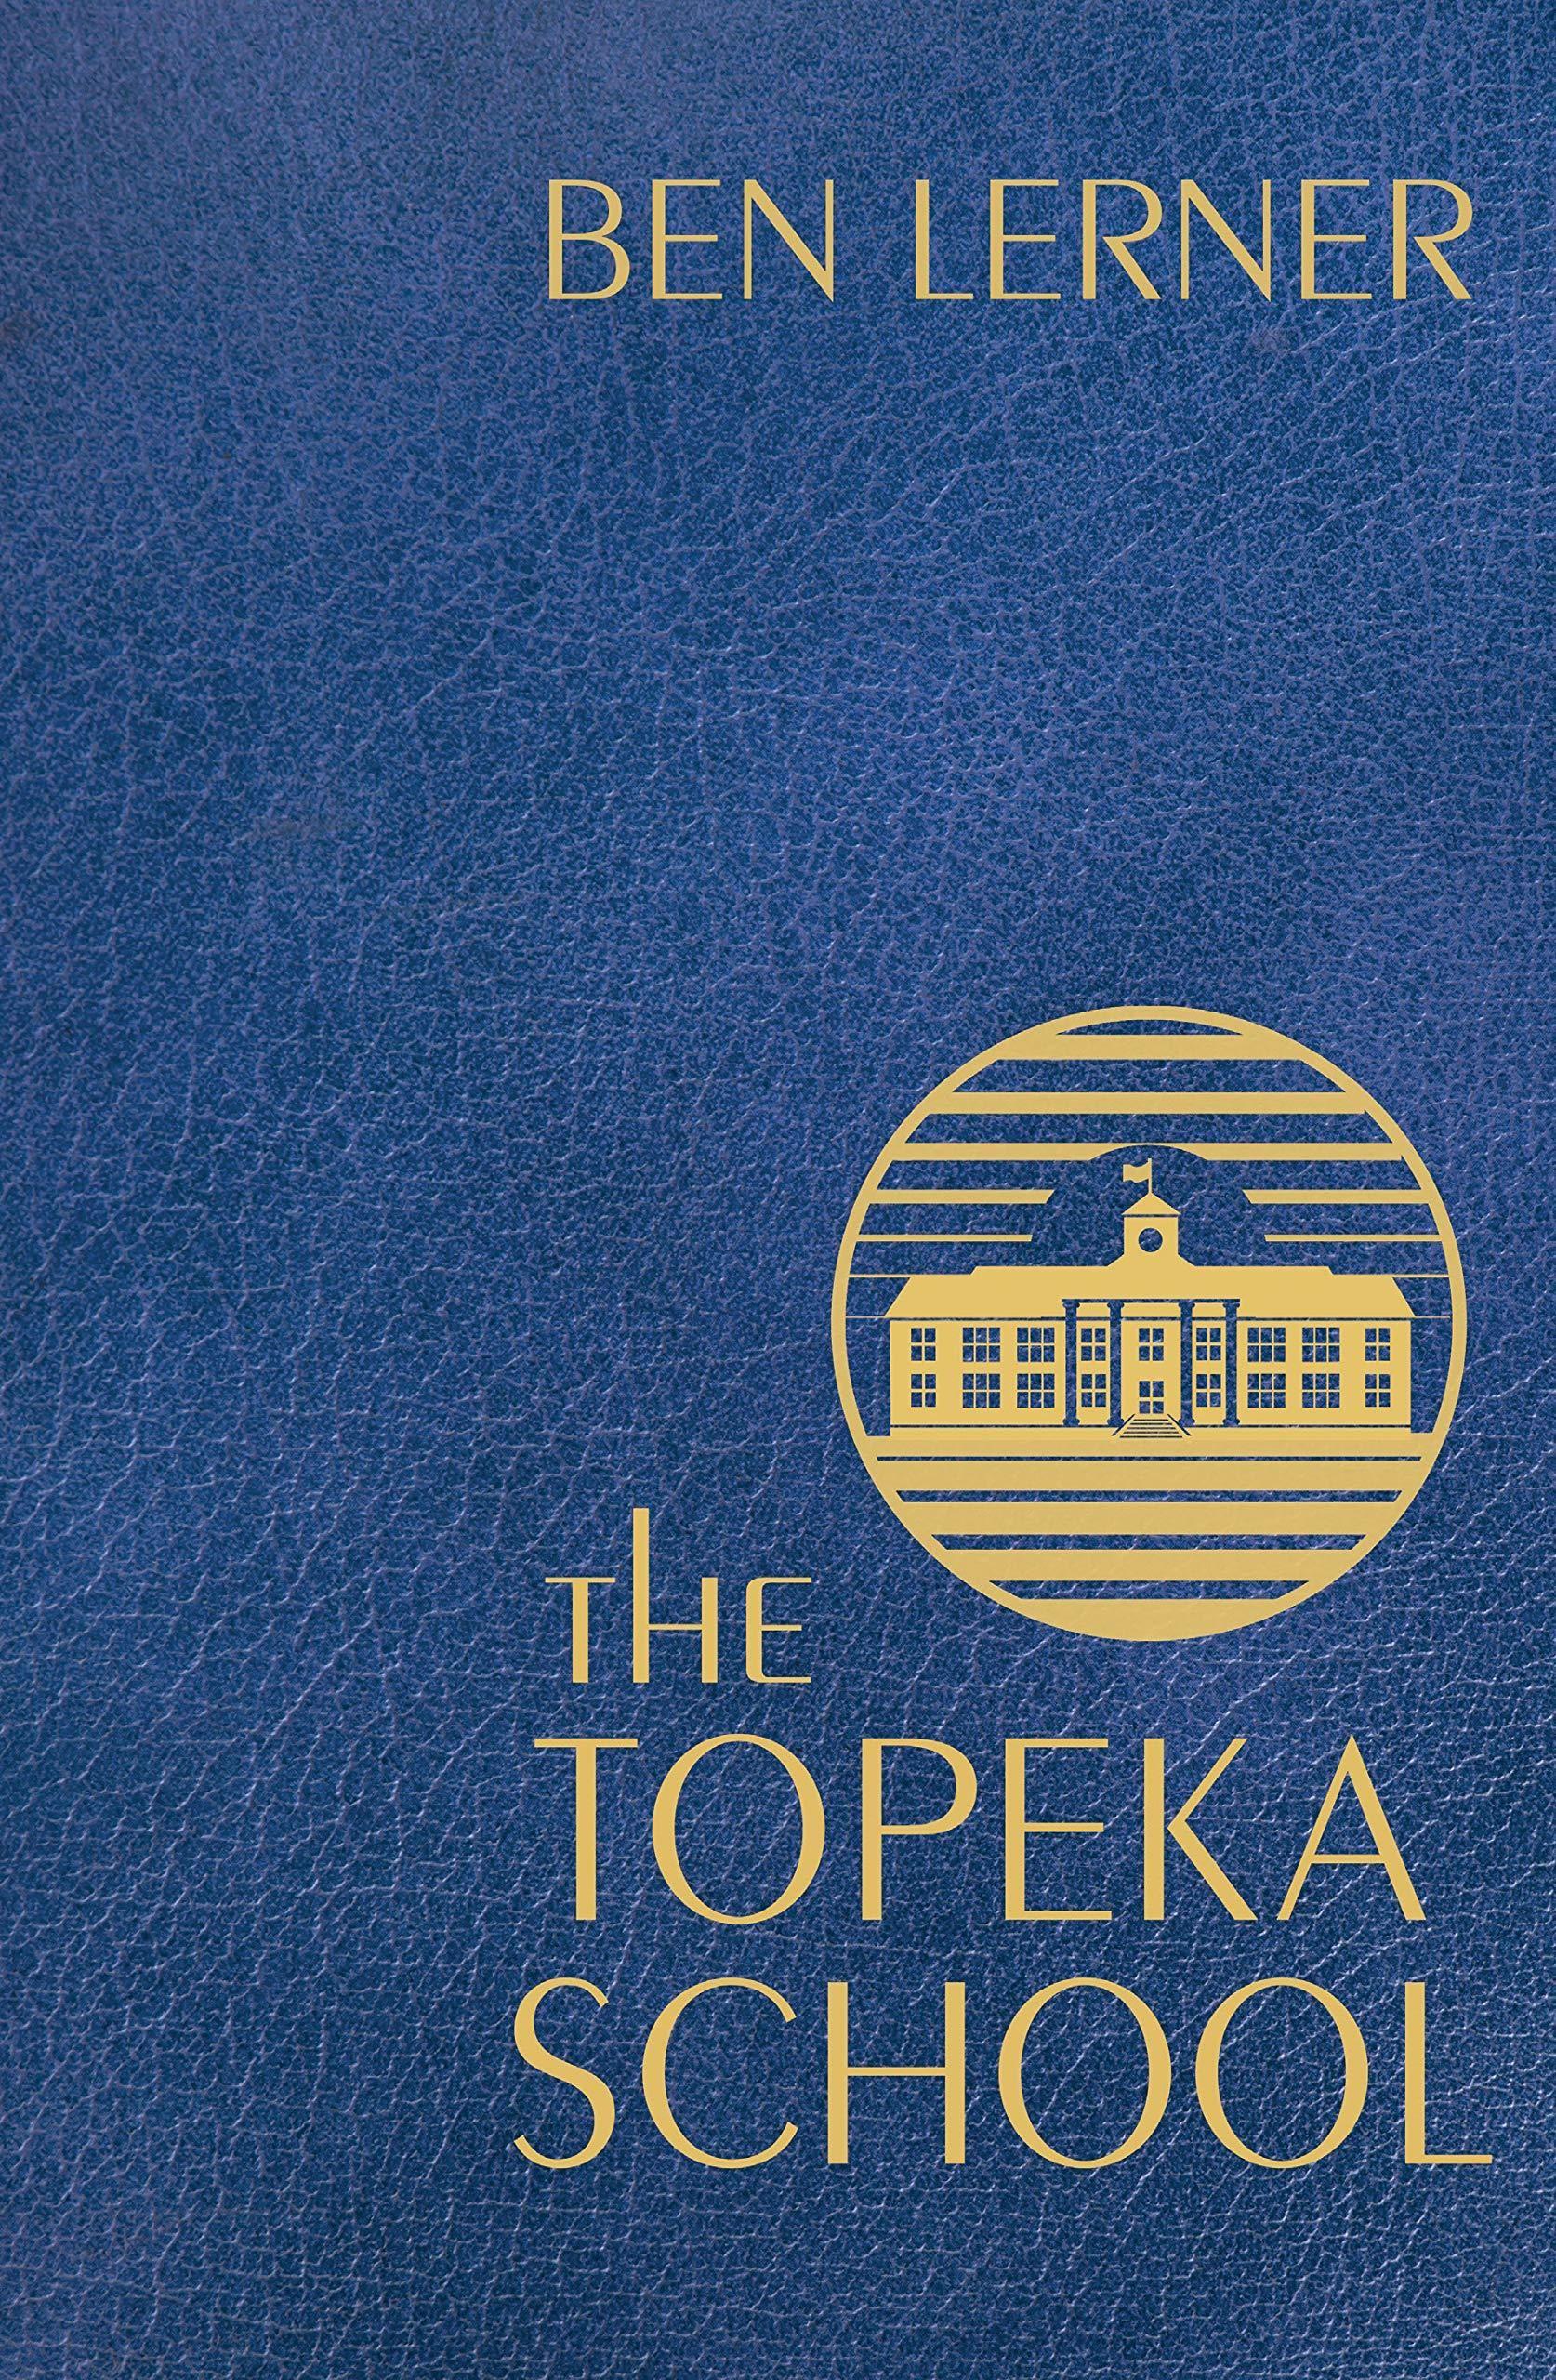 'The Topeka School' by Ben Lerner book literature novel reading barack obama